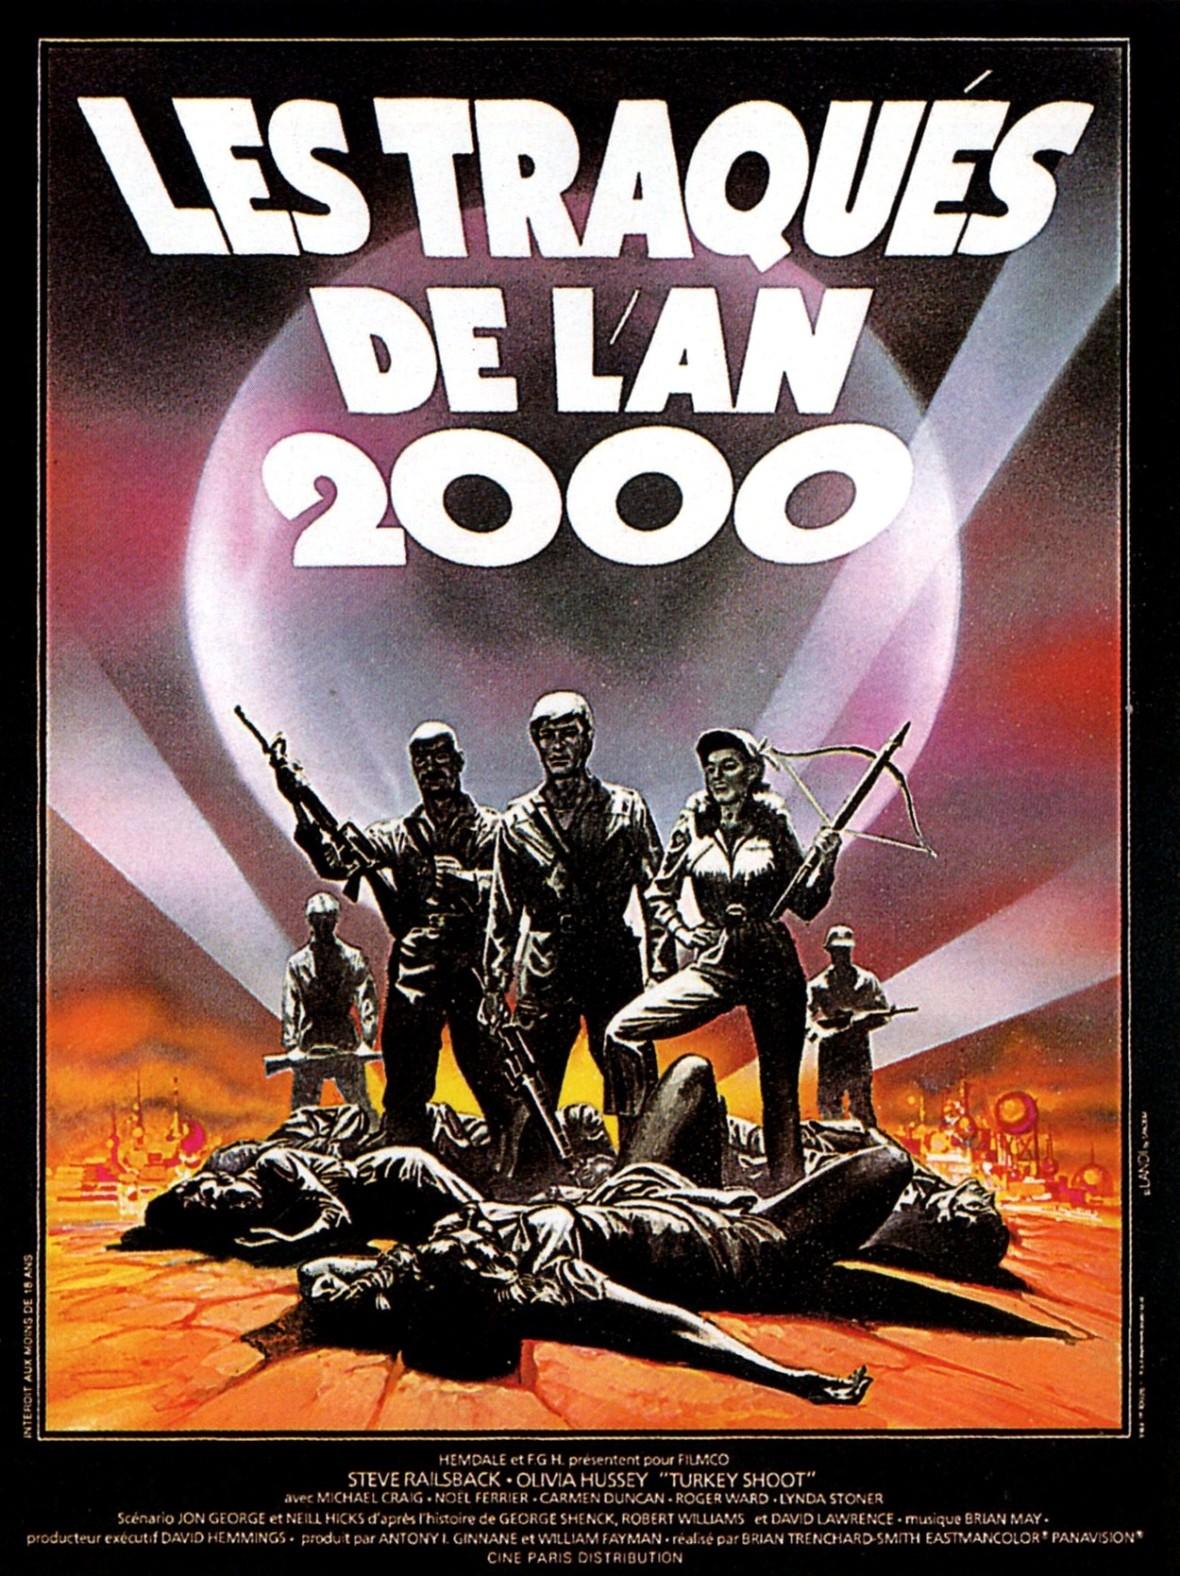 affiche du film Les traqués de l'an 2000 (1982)